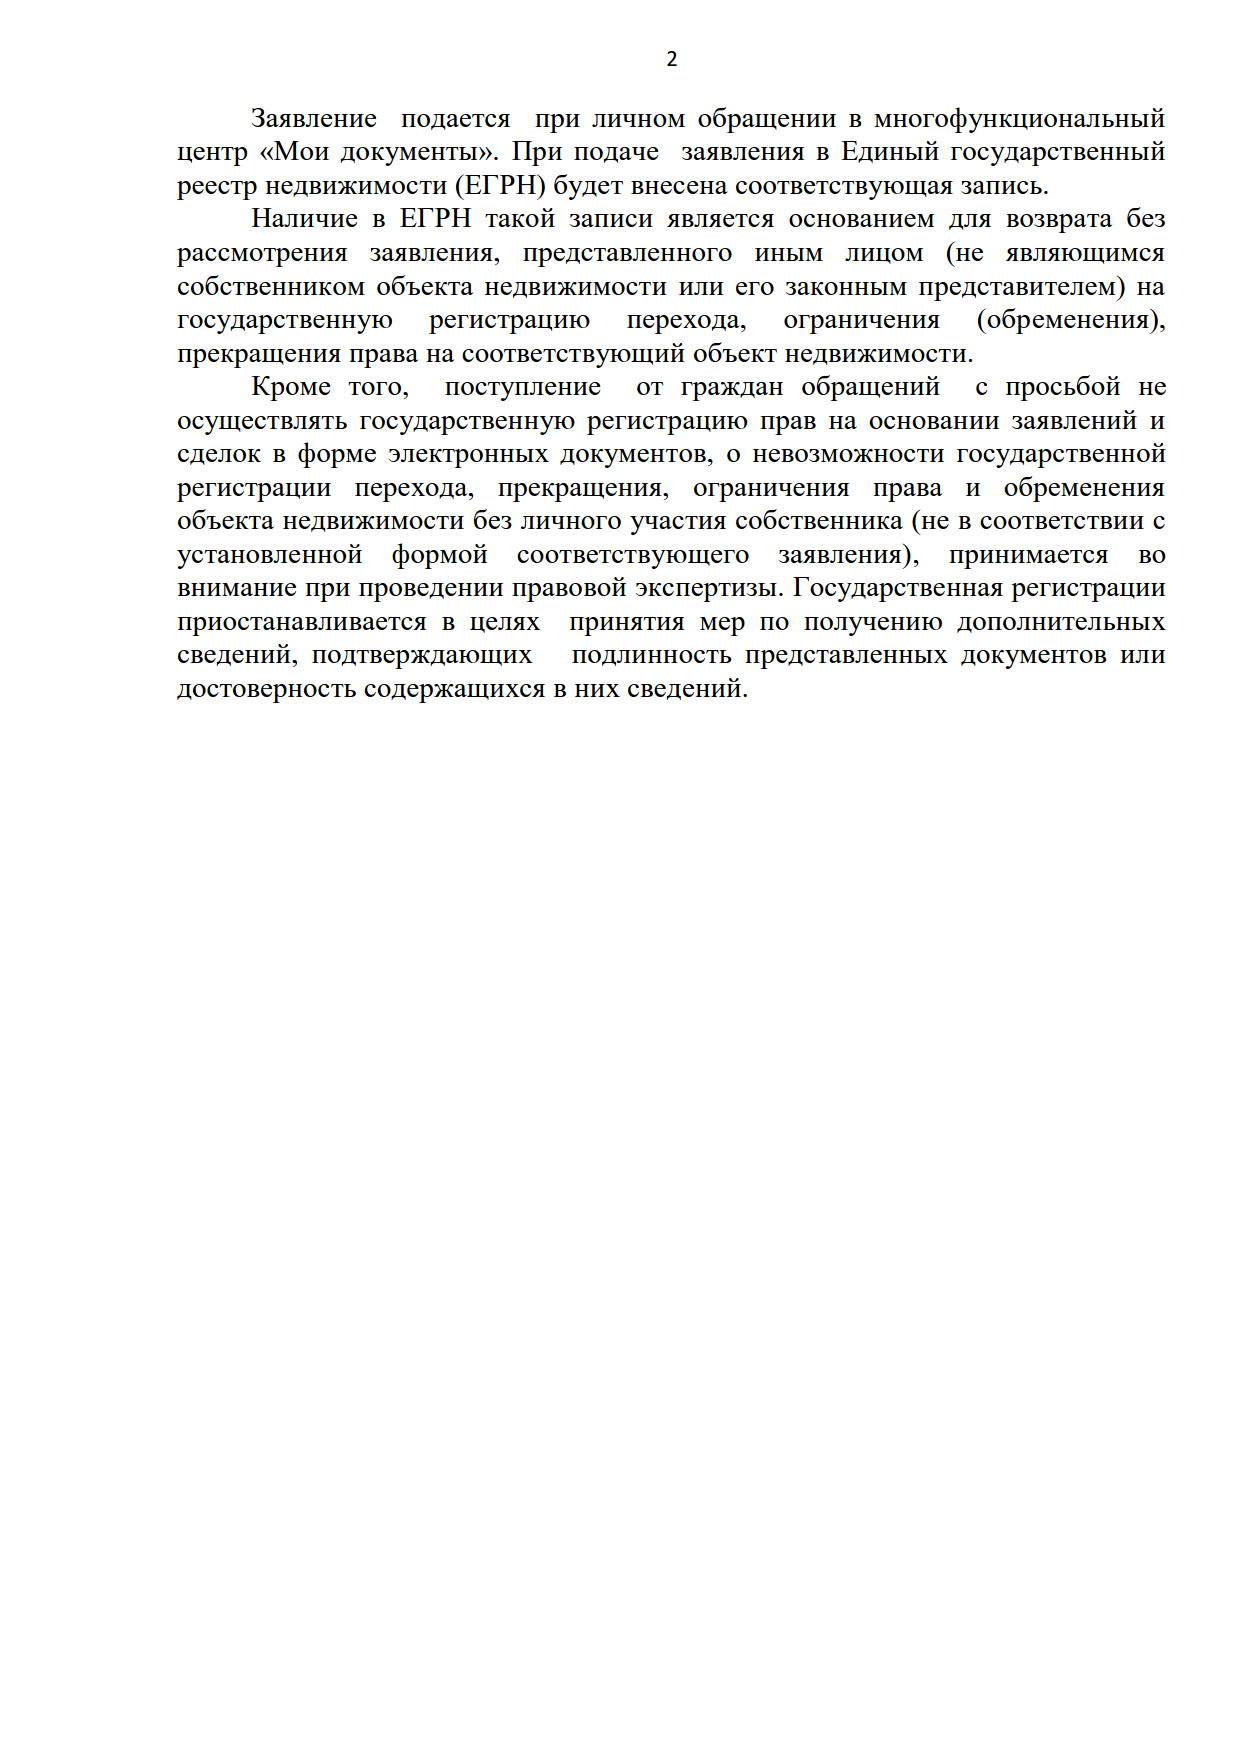 Статистика Росреестр 1 полугодие 2019_2